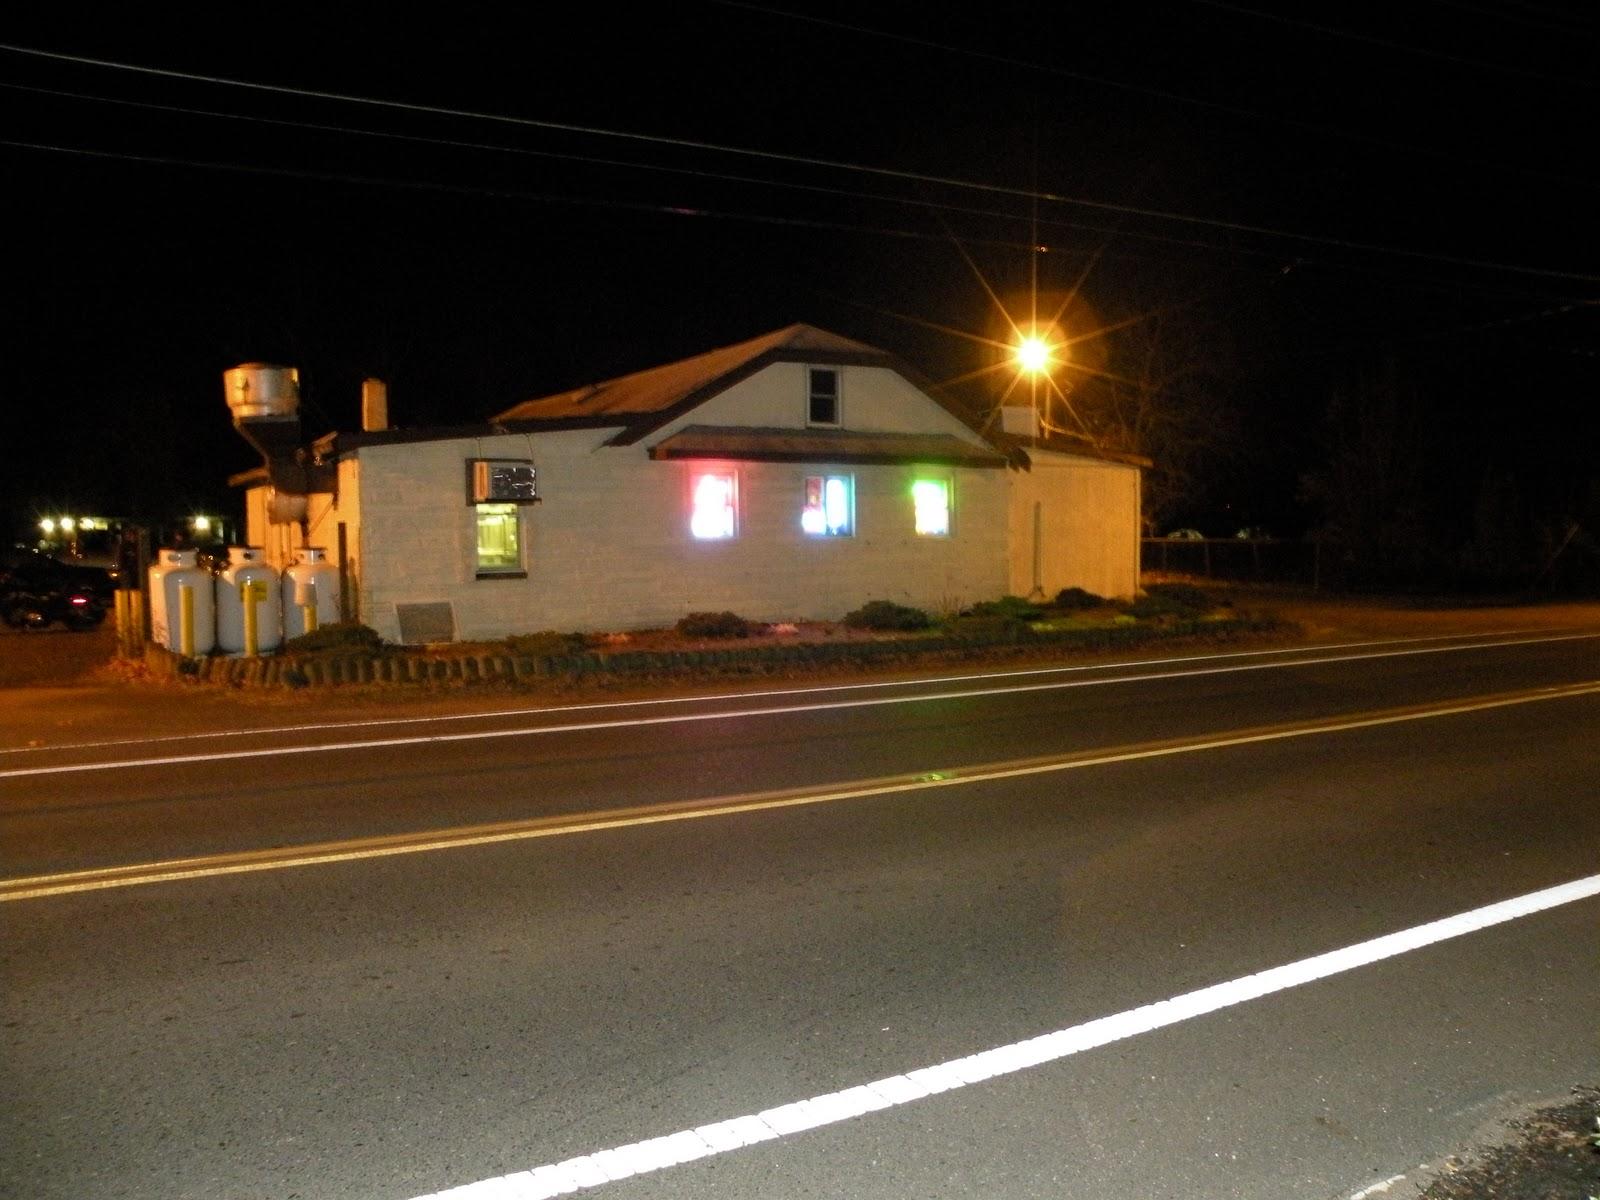 The Dive Drive Village Pub Amp Package Goods